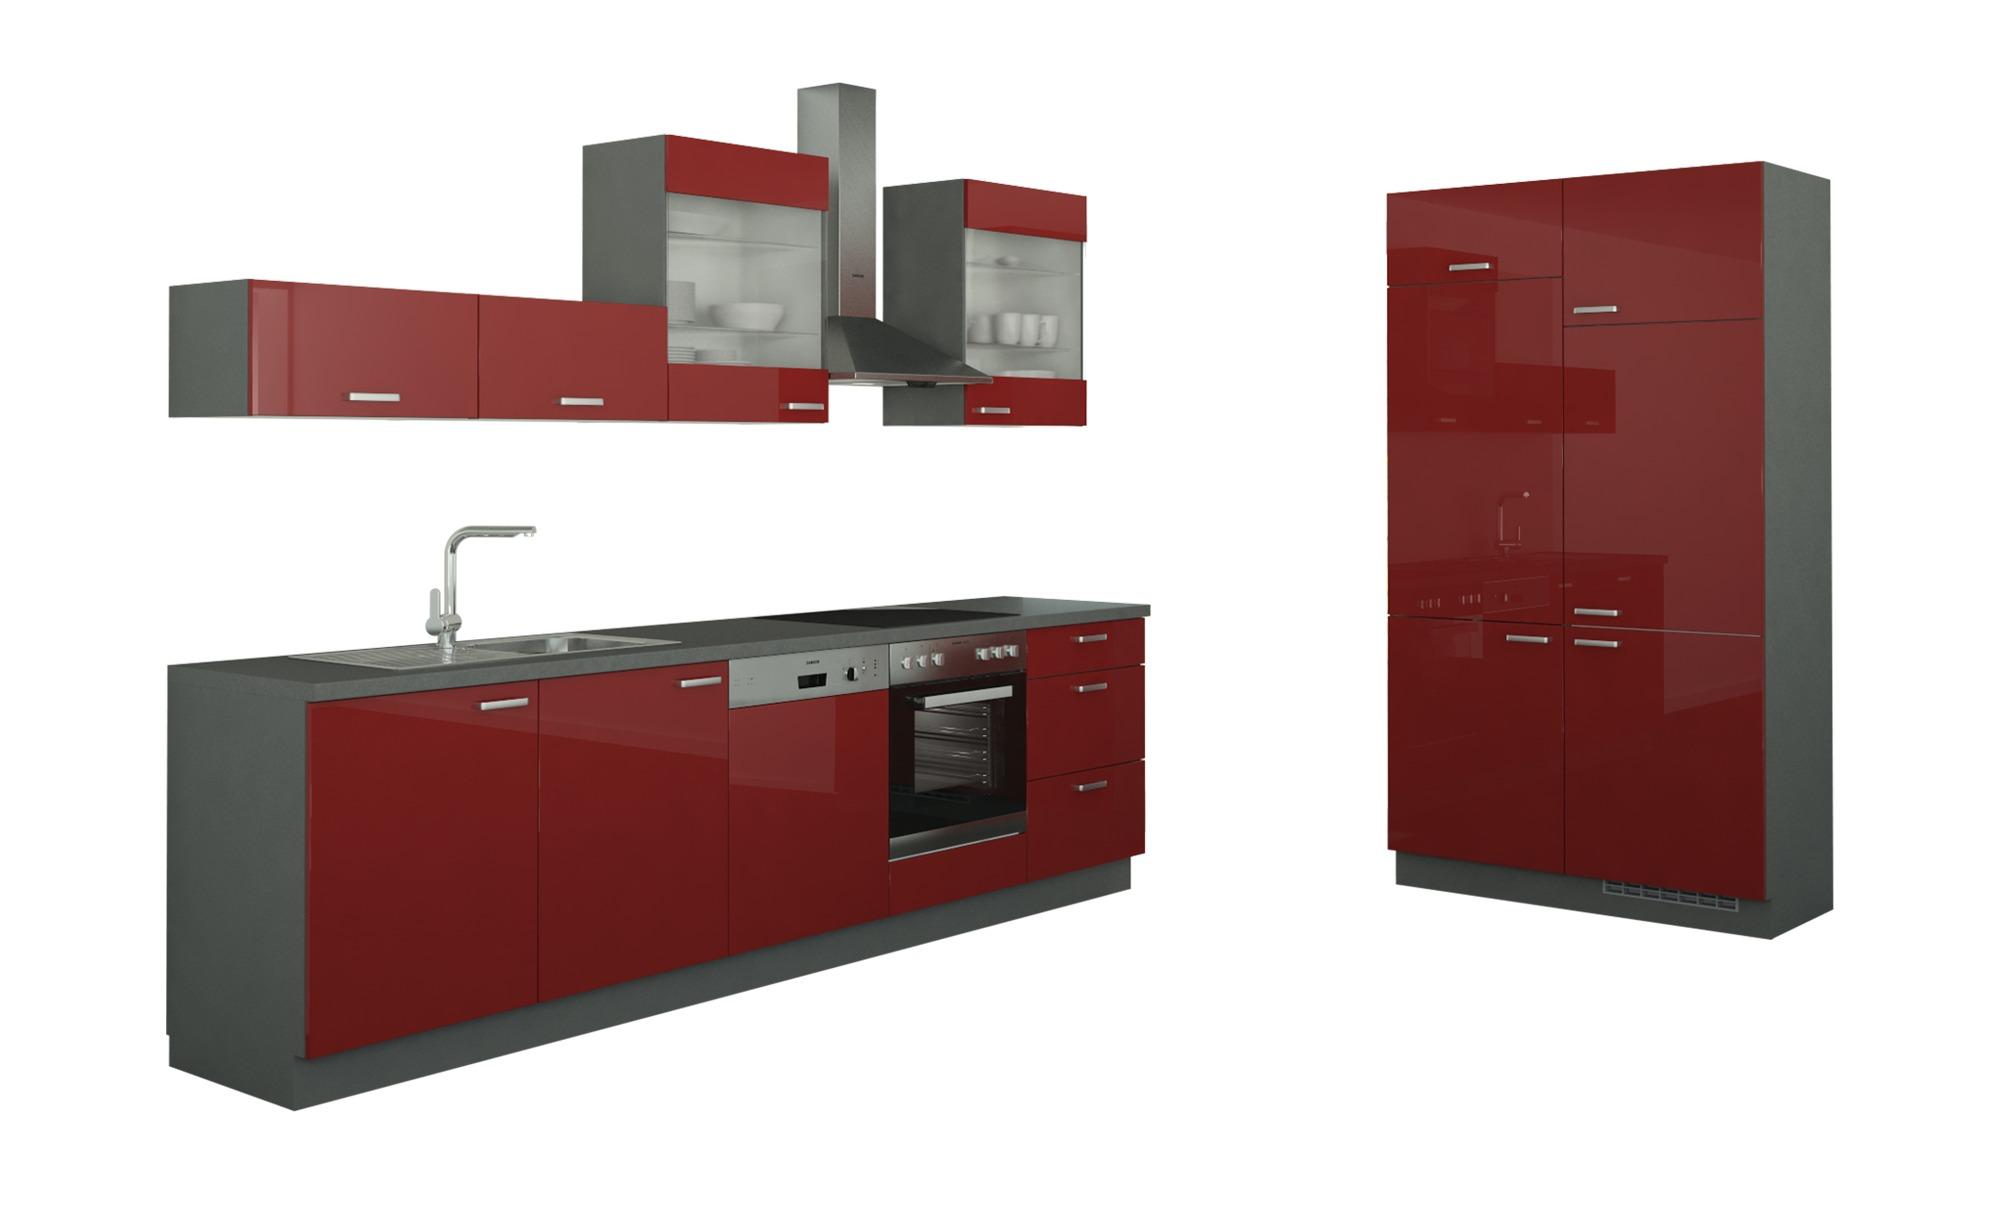 Küchenzeile ohne Elektrogeräte  Potsdam ¦ rot Küchen > Küchenblöcke - Höffner